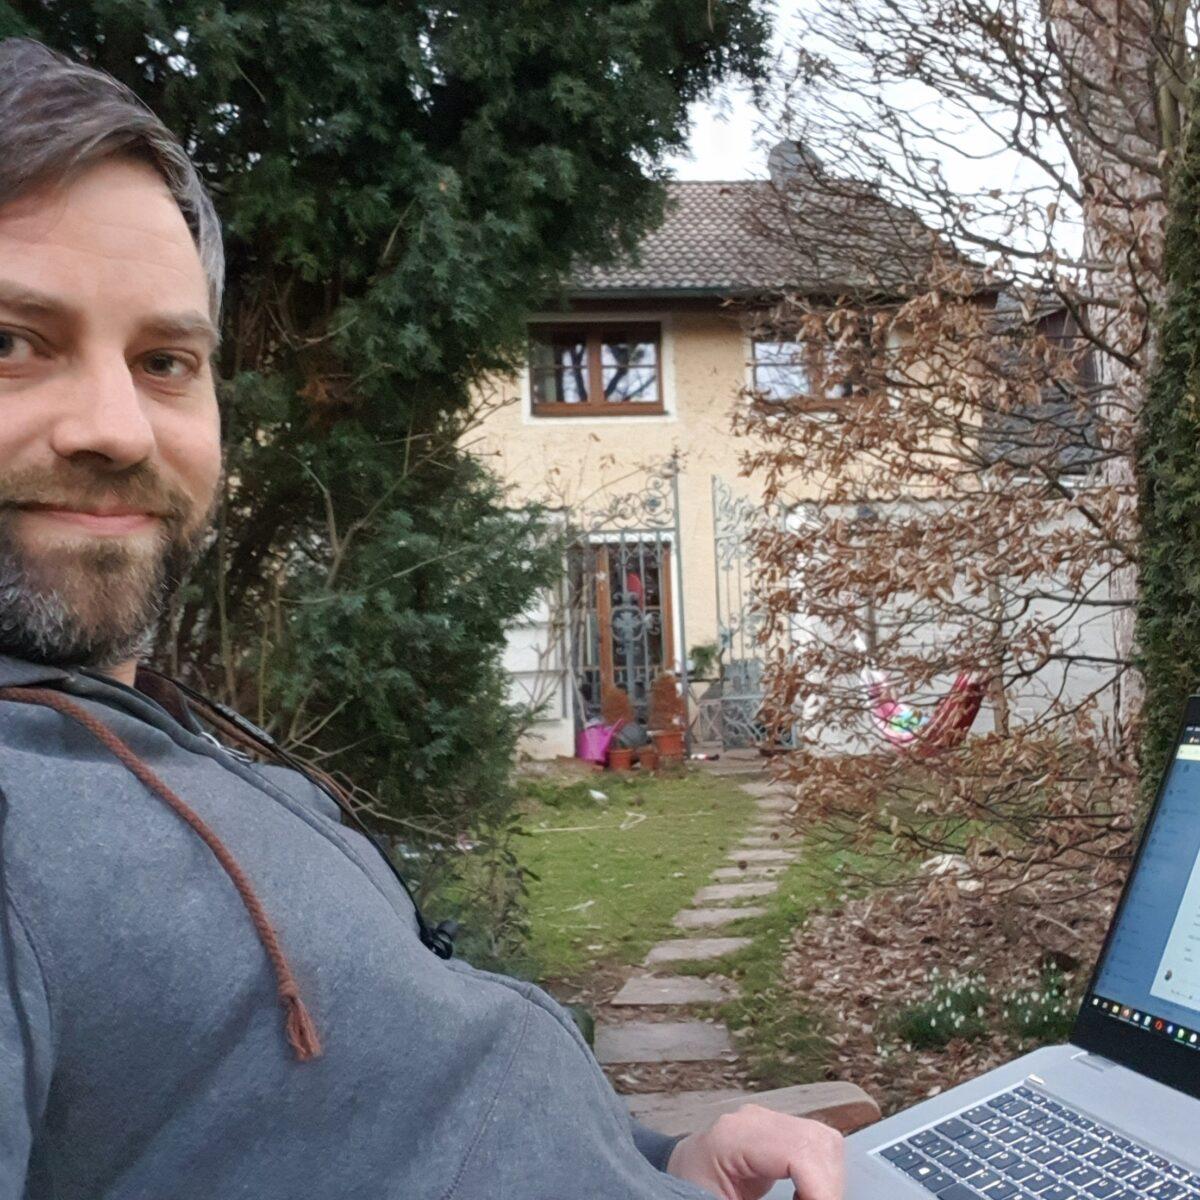 Stefan mit Laptop am Schoß im Garten